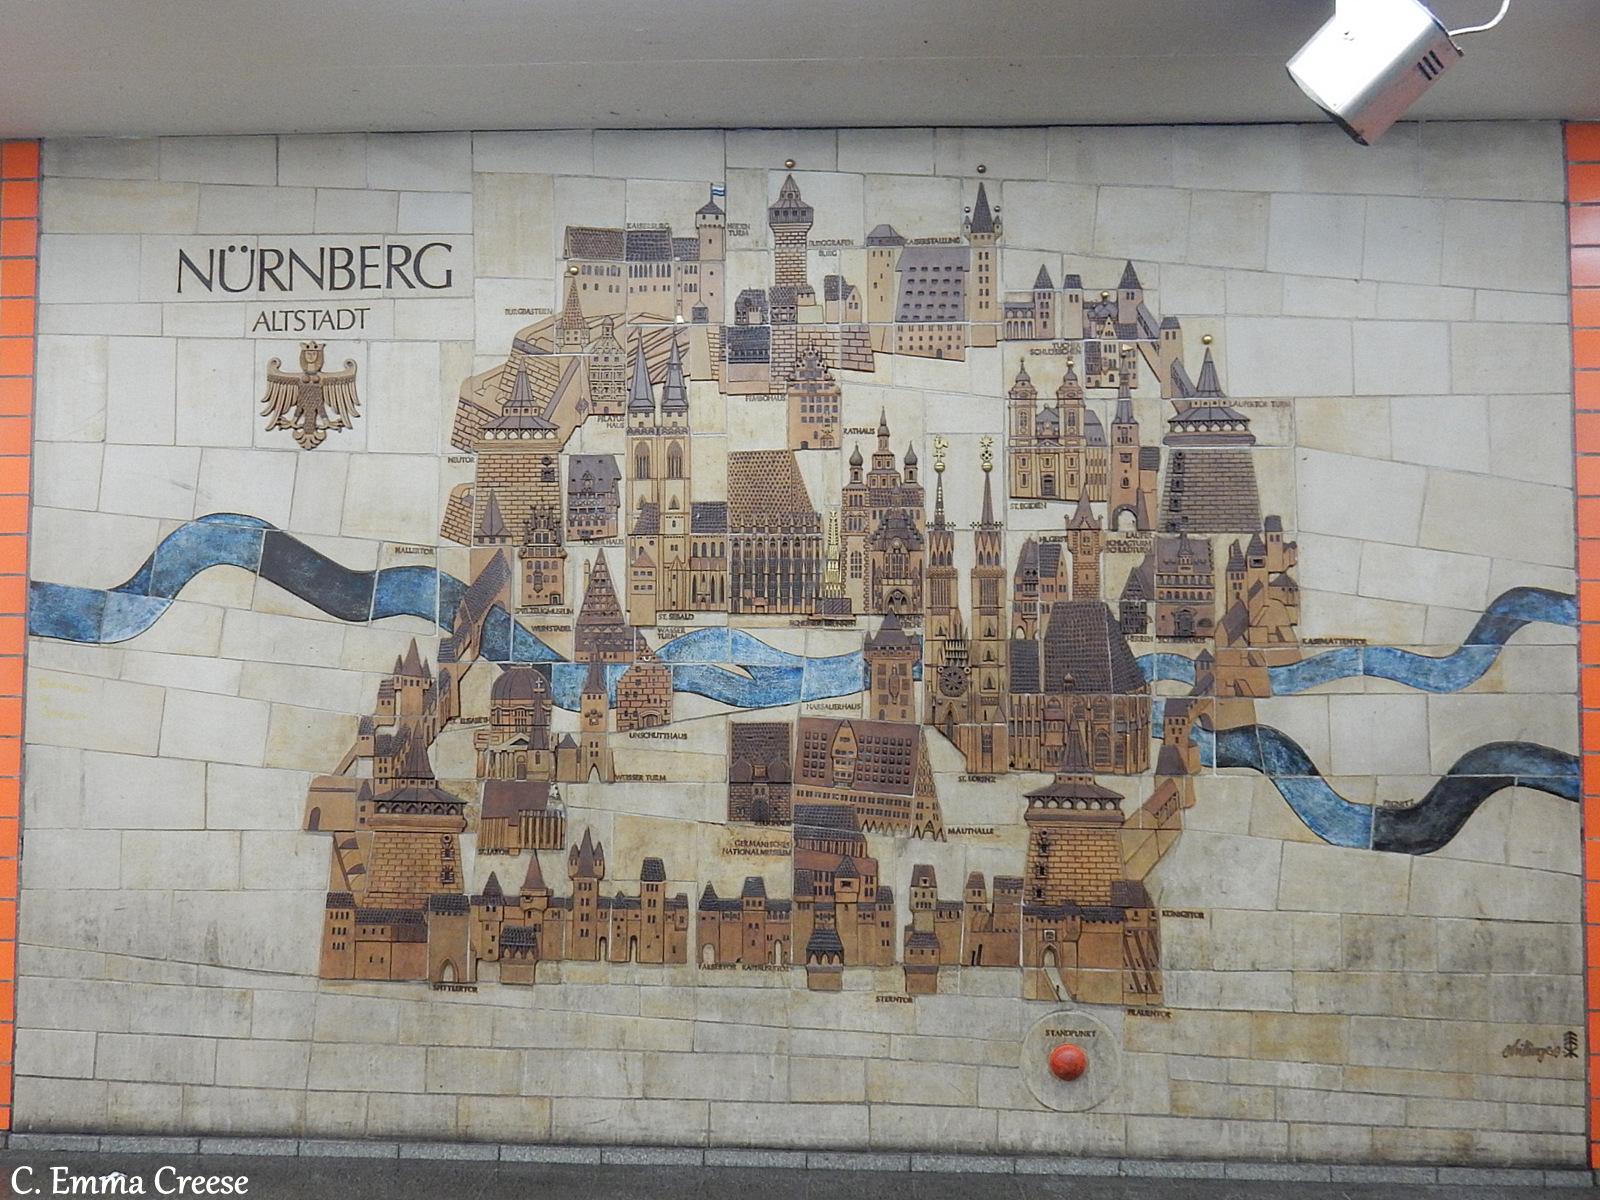 Nuremberg daytripping from Munich